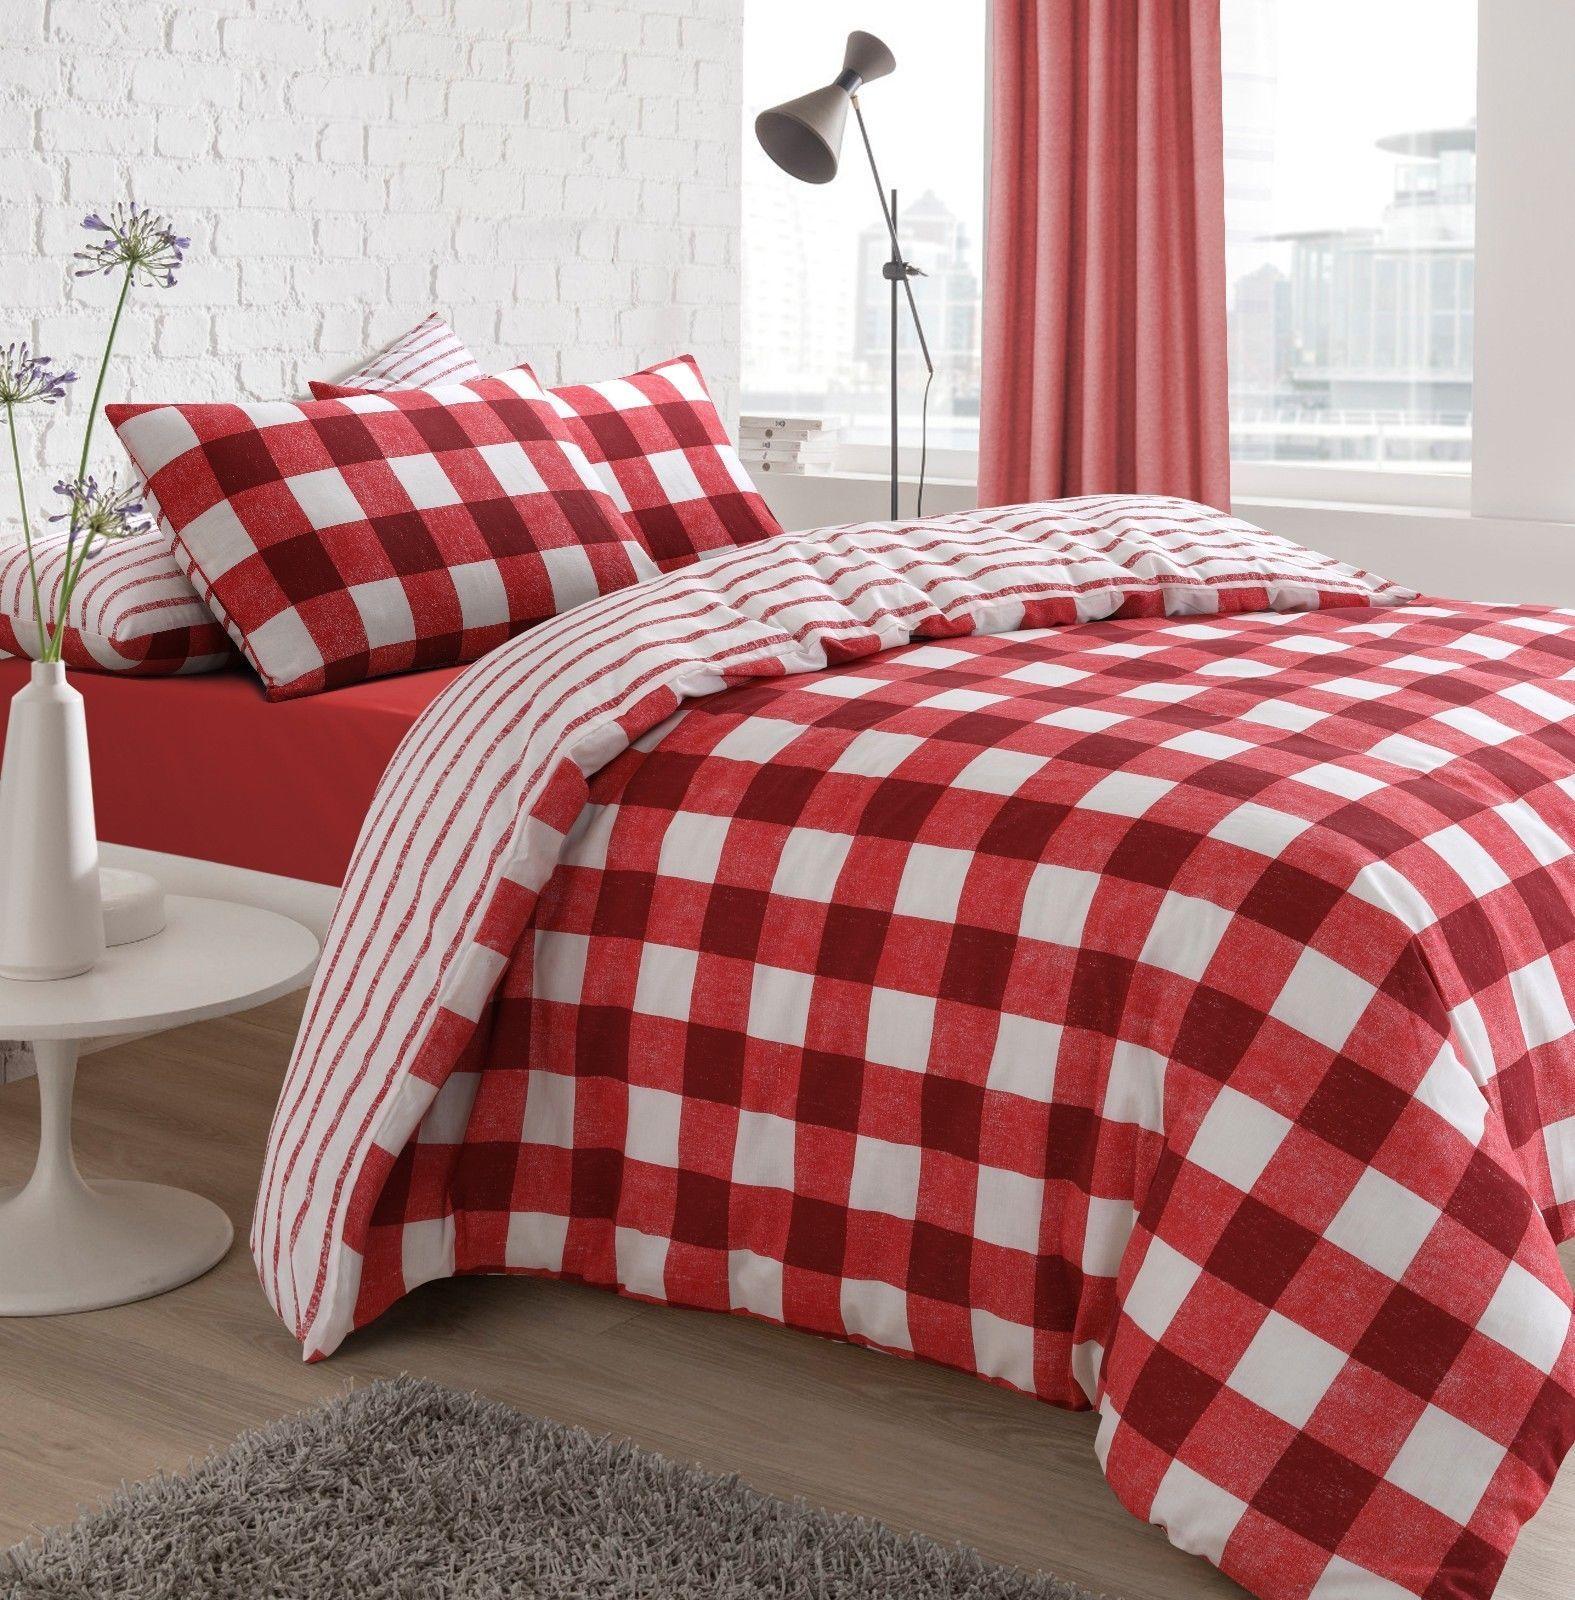 Gingham Check Stripe Line Tartan Duvet Set Luxury Quilt Cover